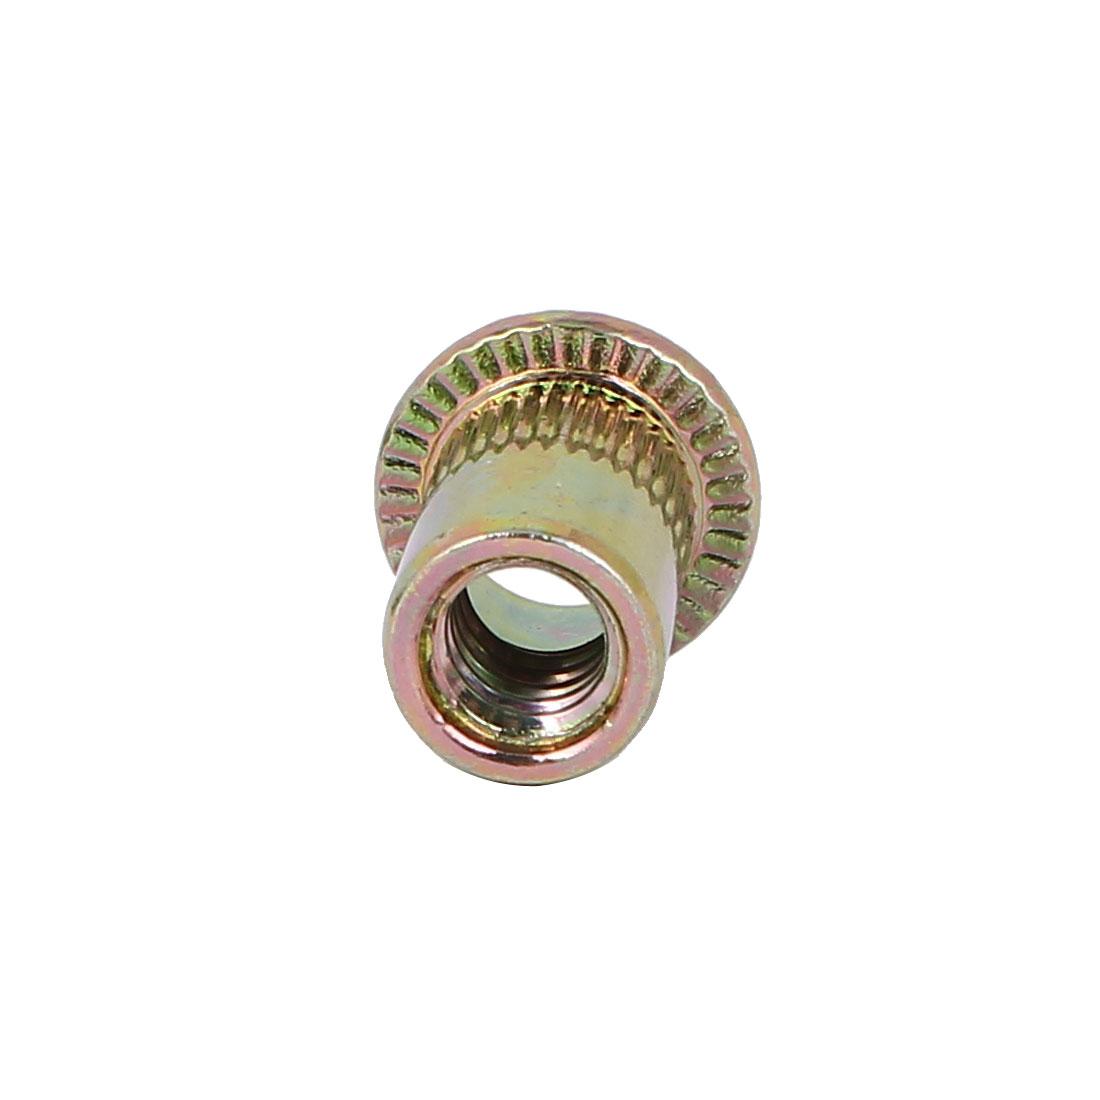 1-4-034-Knurled-Flat-Head-Insert-Rivet-Nut-Nutserts-Fastener-Bronze-Tone-100pcs